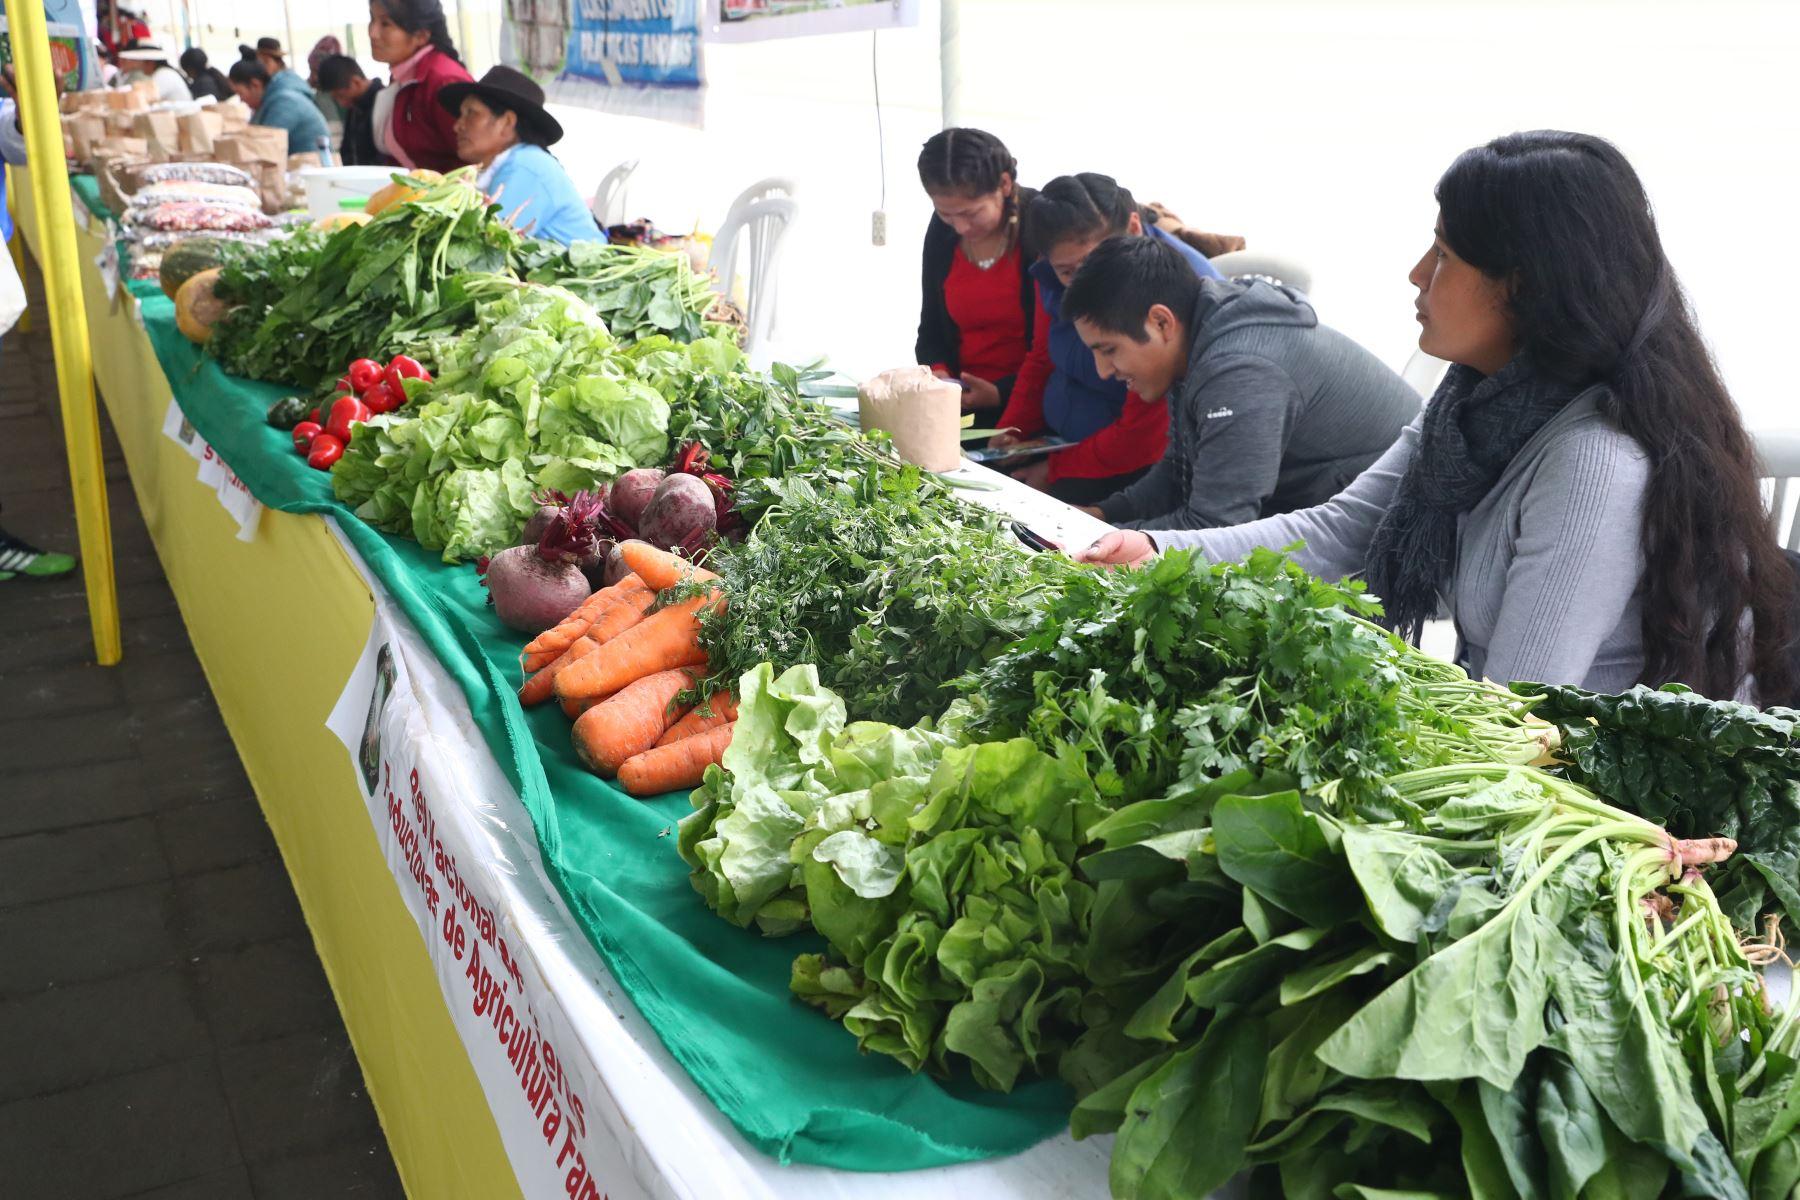 Ministerios de Agricultura y del Ambiente organizan el Festival Nacional de la Biodiversidad donde participan  productores de varias zonas del país, con más de 500 variedades de papas, así como semillas, frutos, ajíes, etc. Foto: ANDINA/Norman Córdova